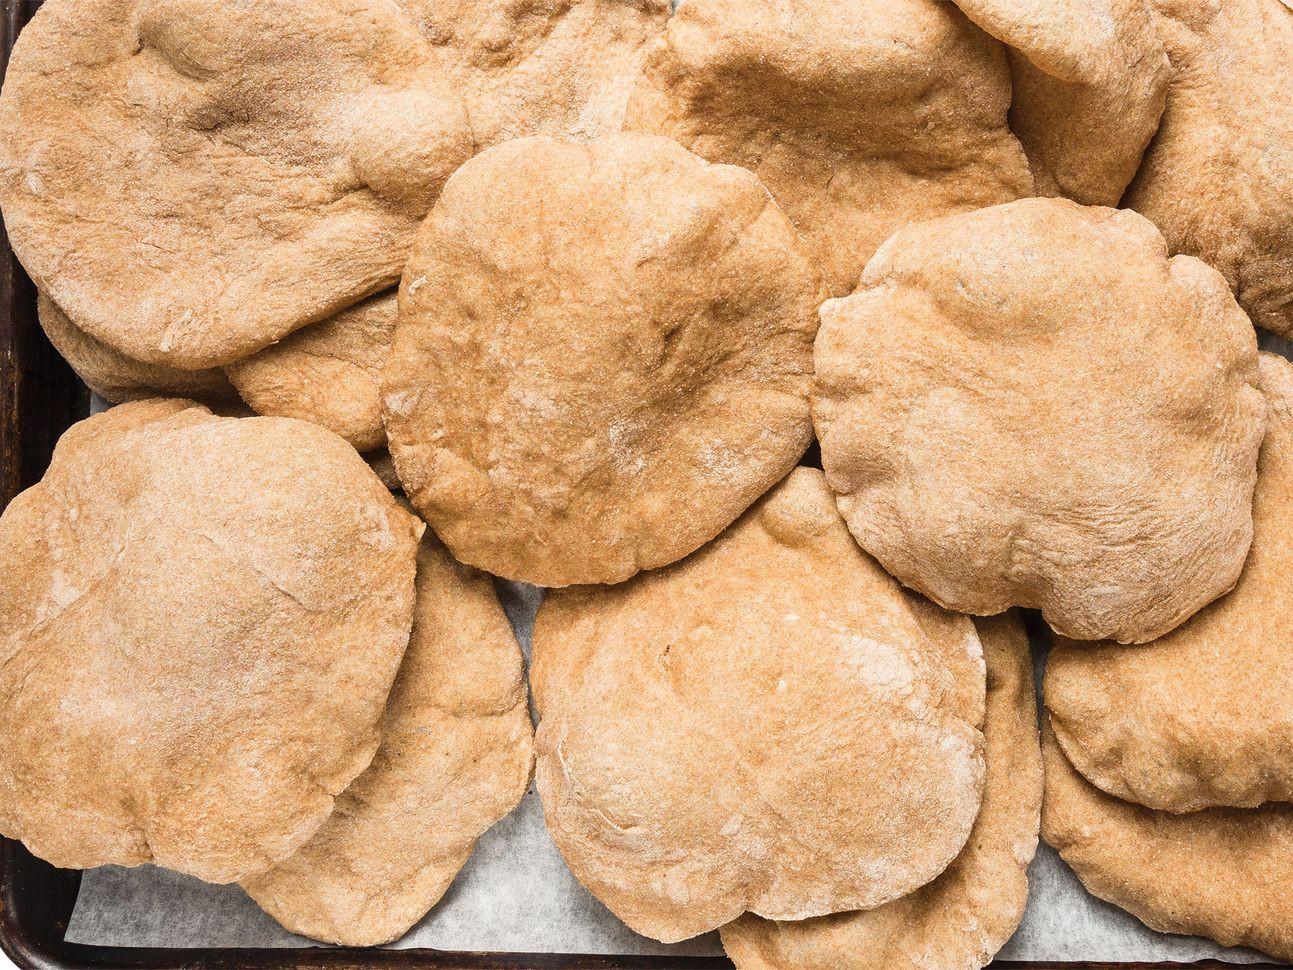 أنواع الخبز - الخبز المصري